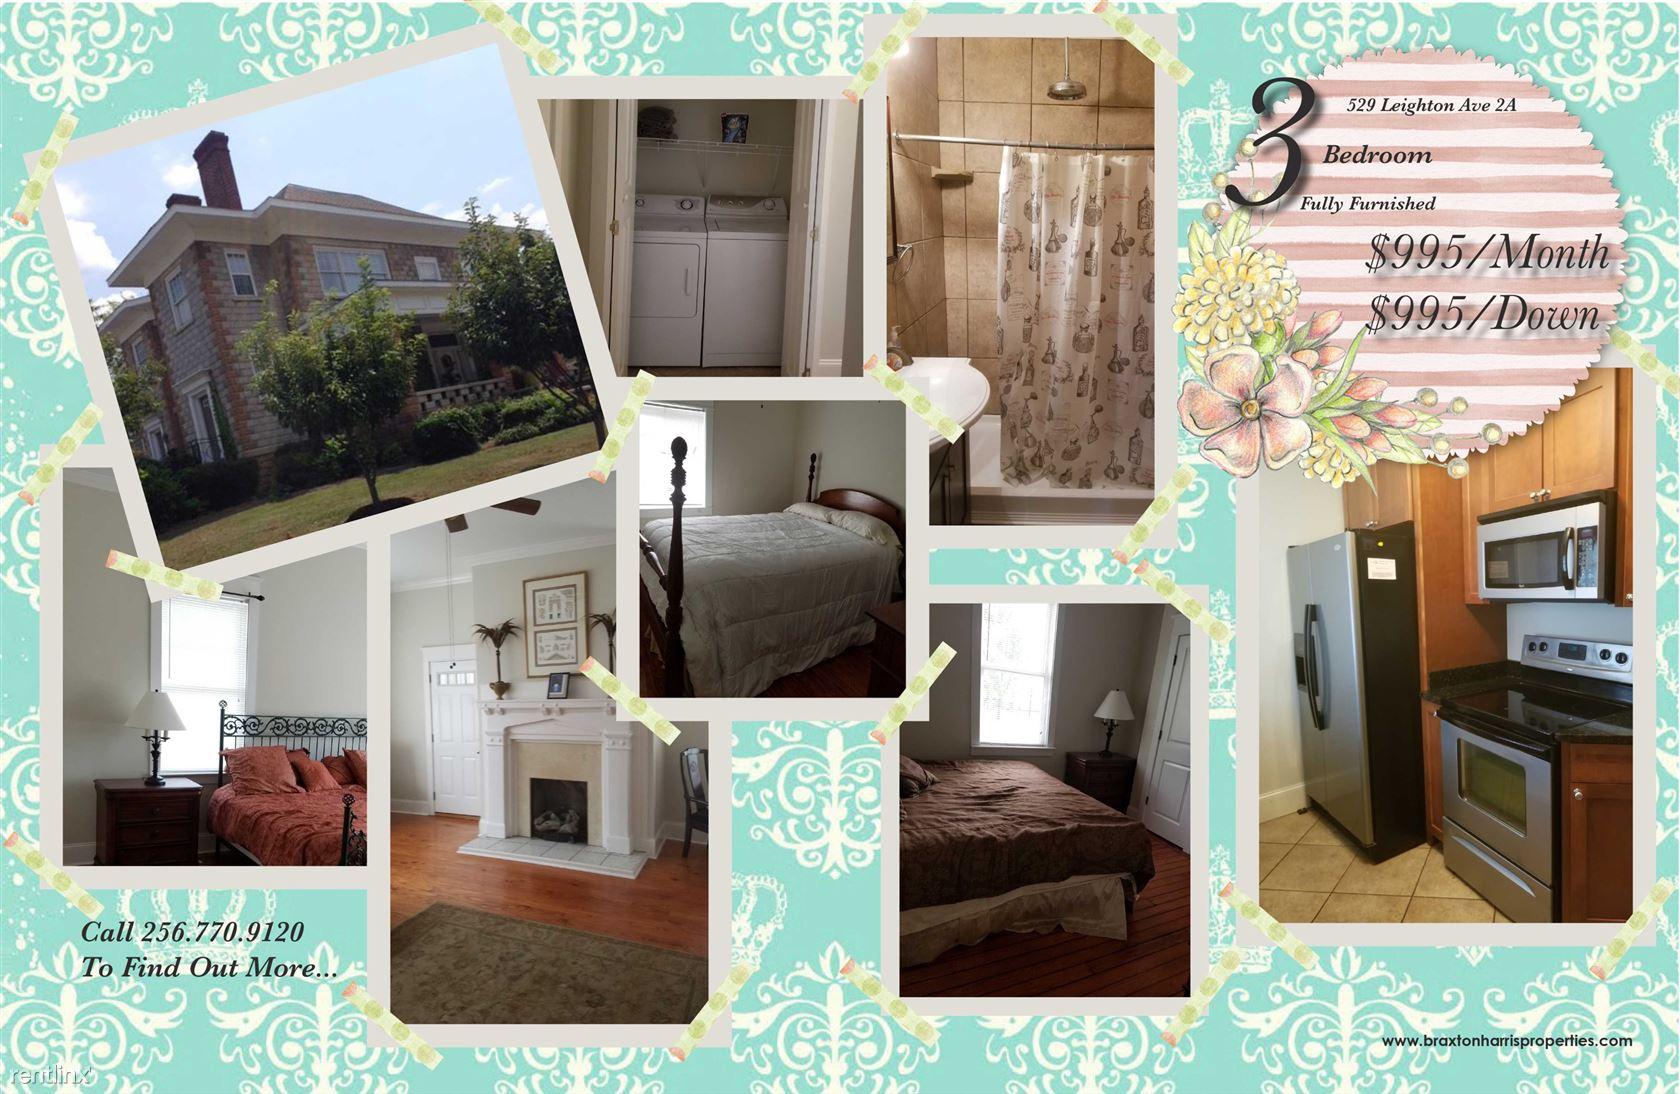 $995 - $850 per month , 529 Leighton Avenue,